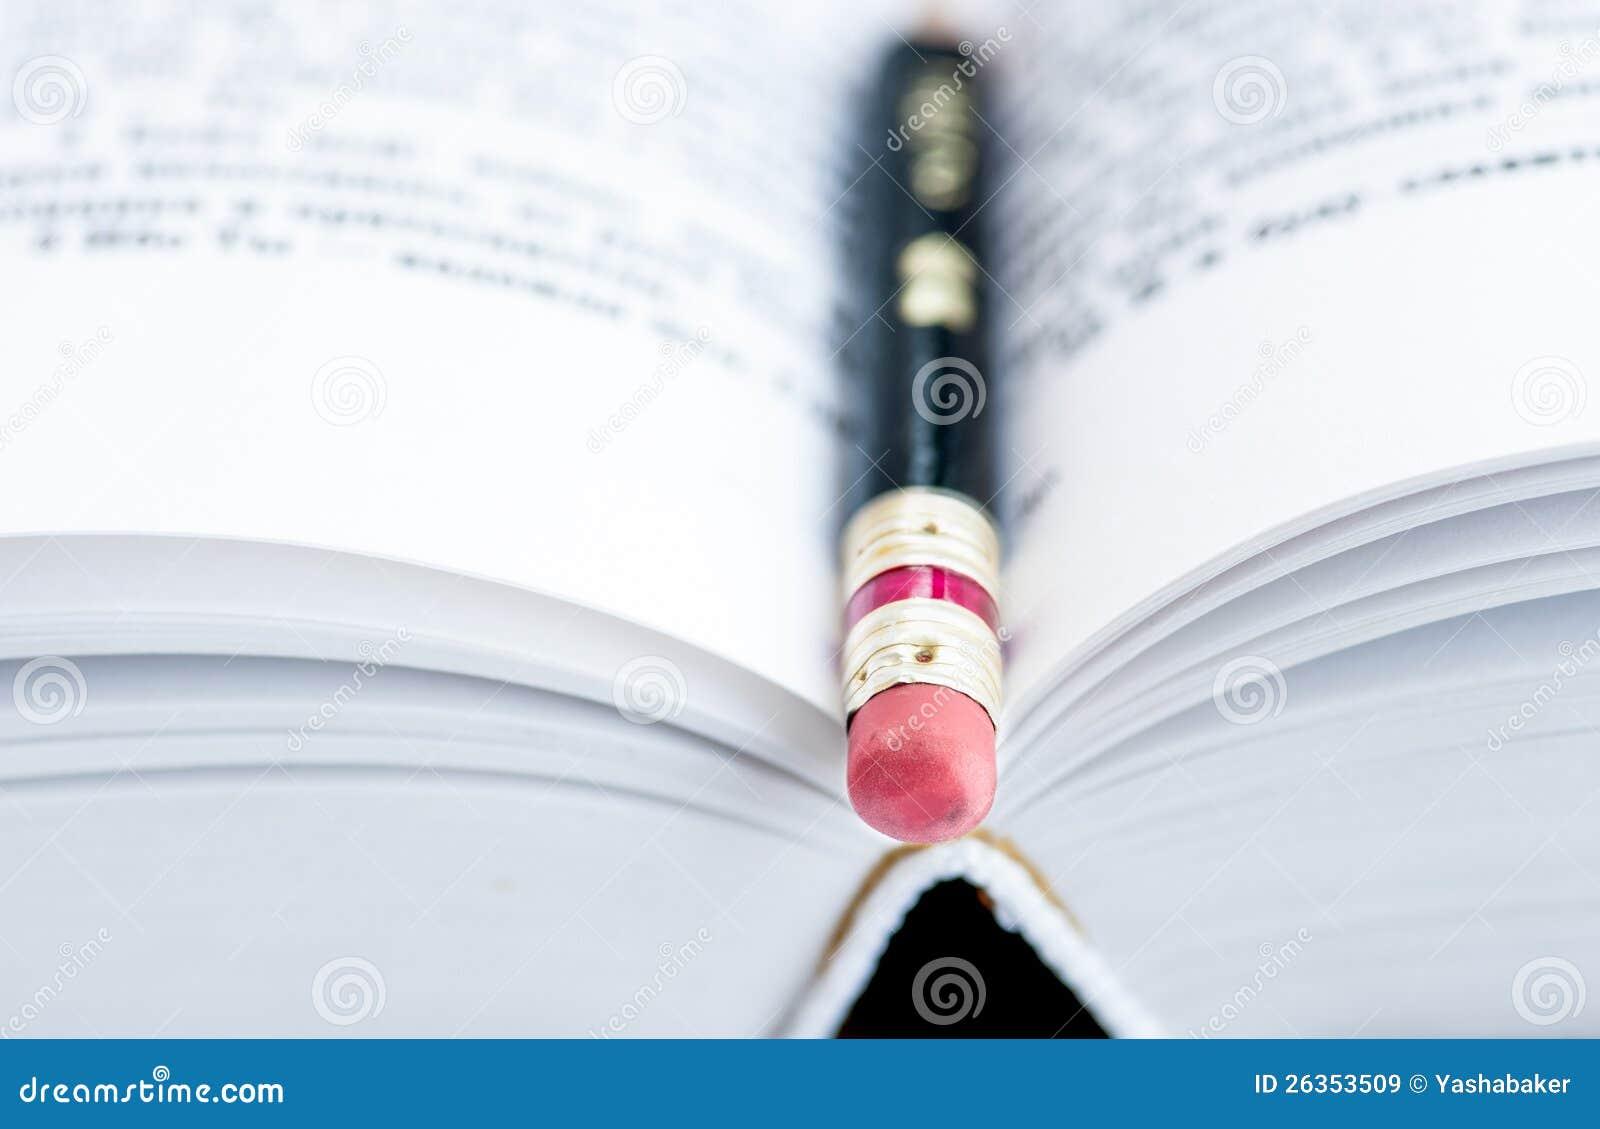 Bleistift auf Seiten des Buches